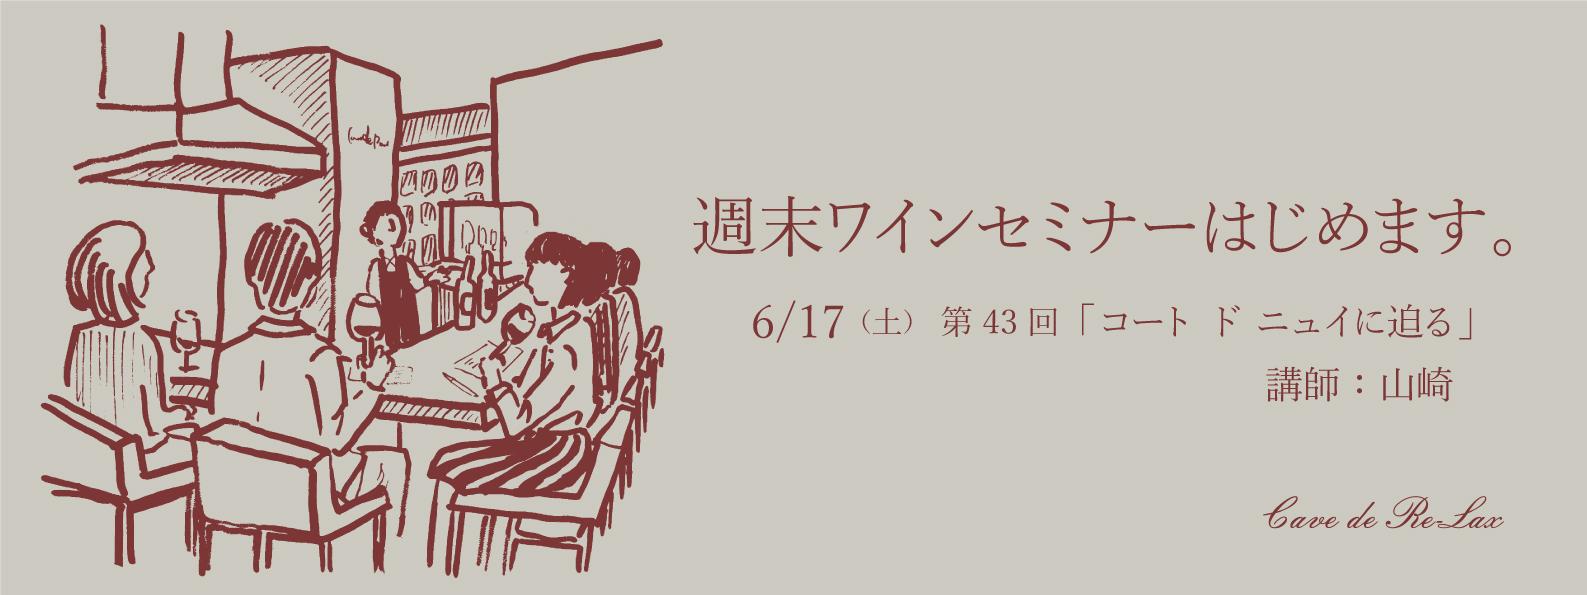 17.6.17山崎セミナー-Web